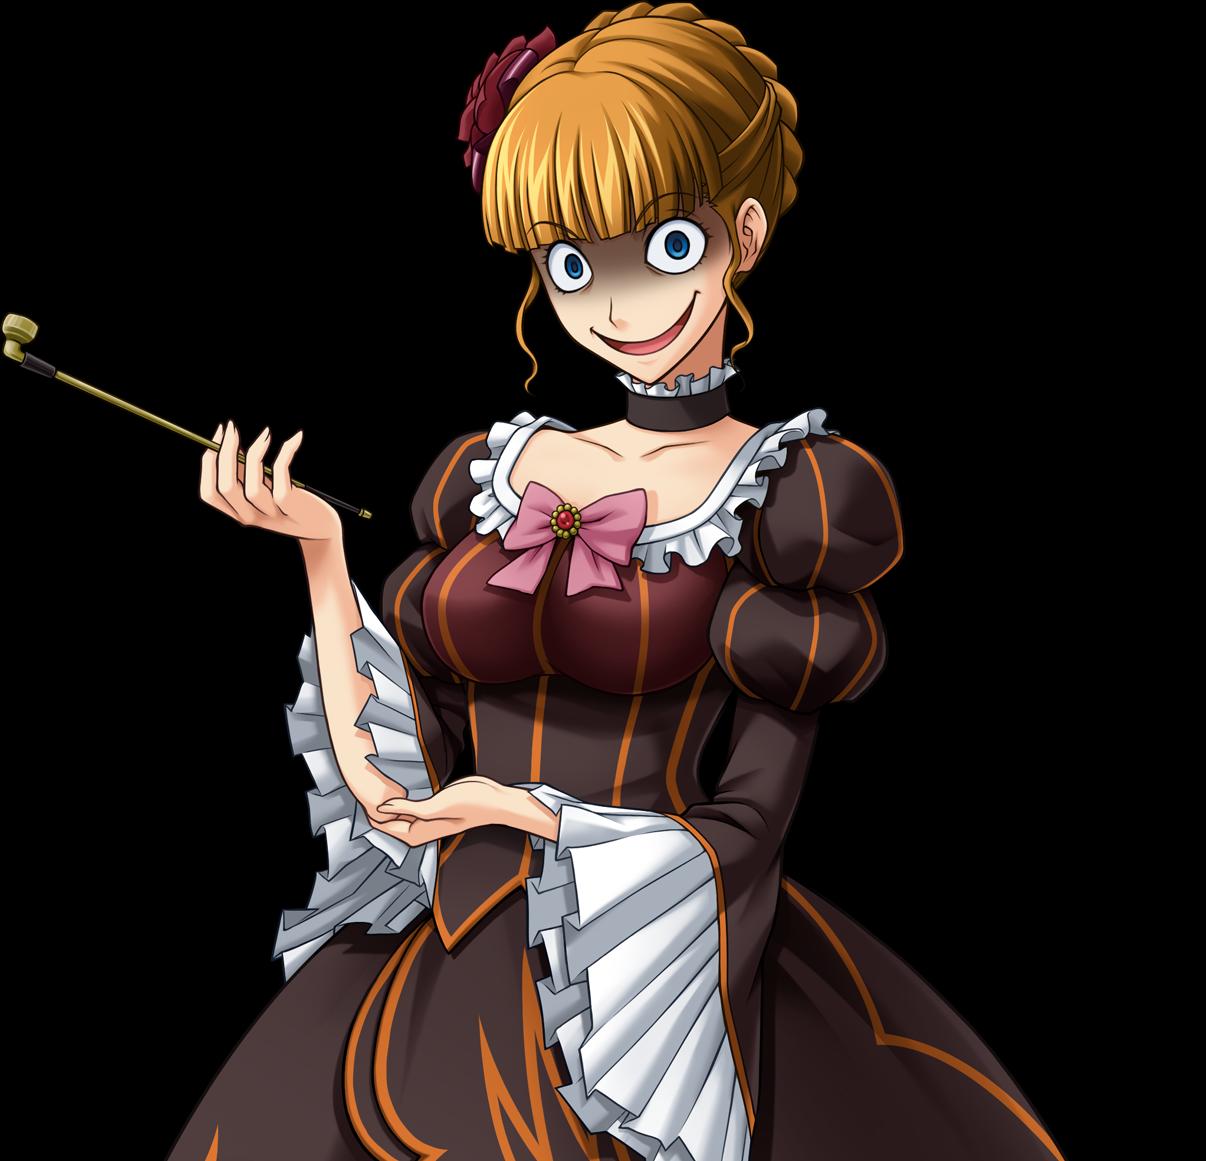 Beatrice | Umineko no Naku Koro ni Wiki | FANDOM powered ...